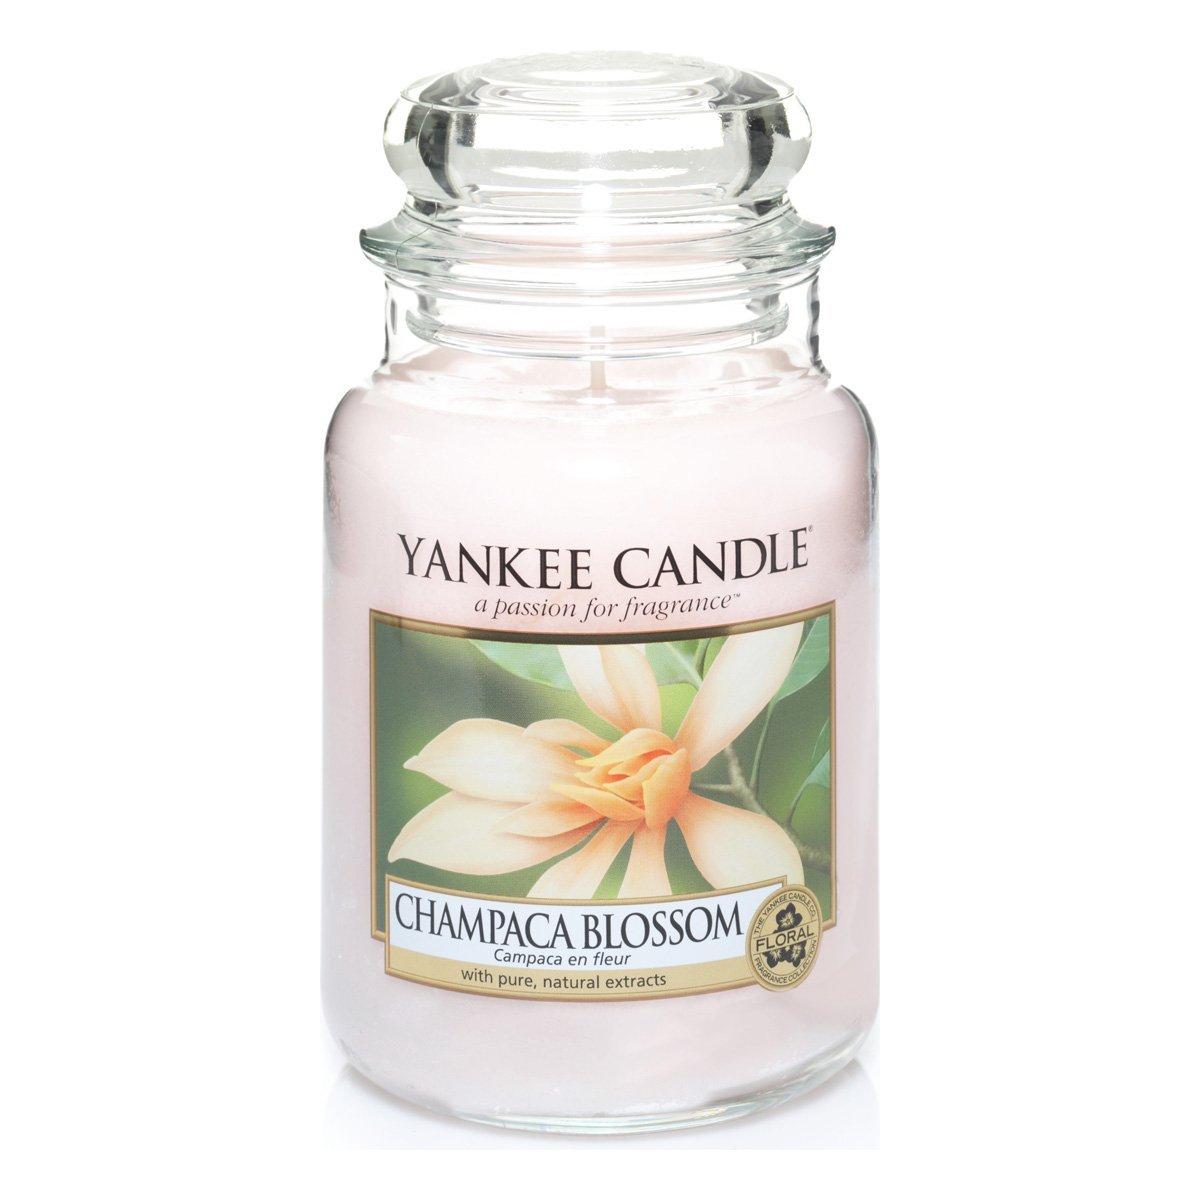 [amazon/Prime] Yankee Candles Groß (623g) in vielen Sorten wieder verfügbar